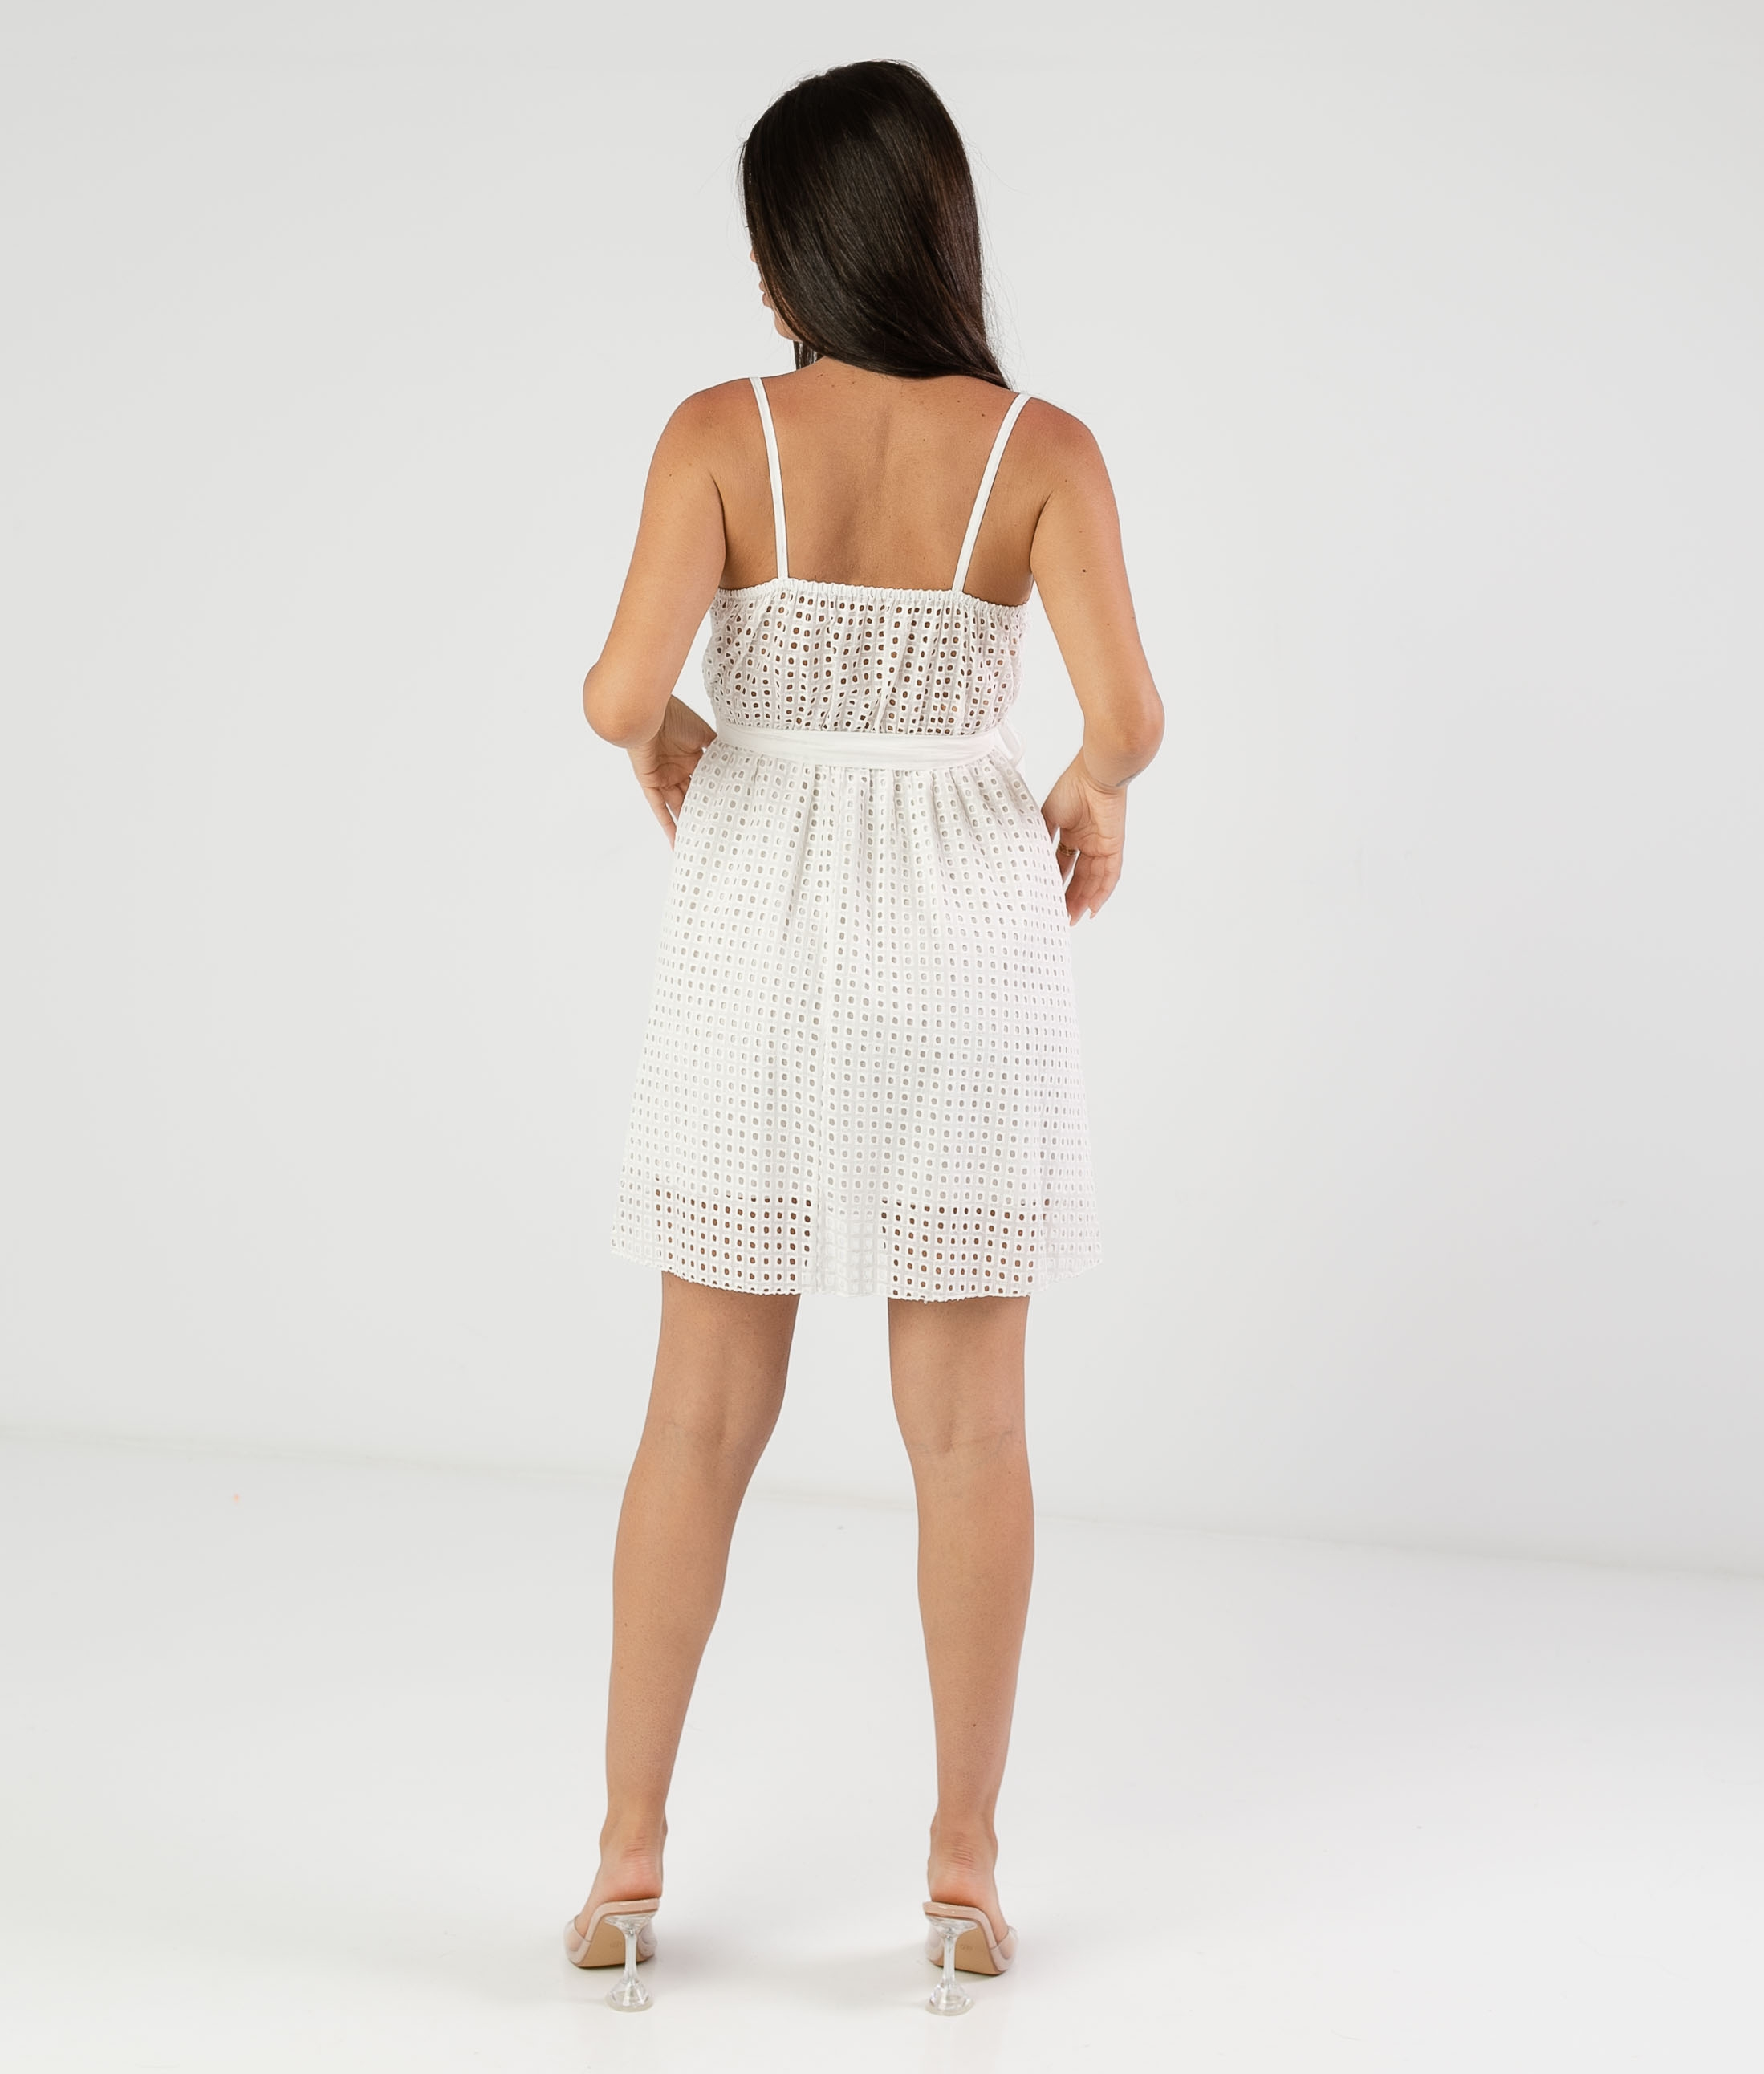 Vestido Alique - White